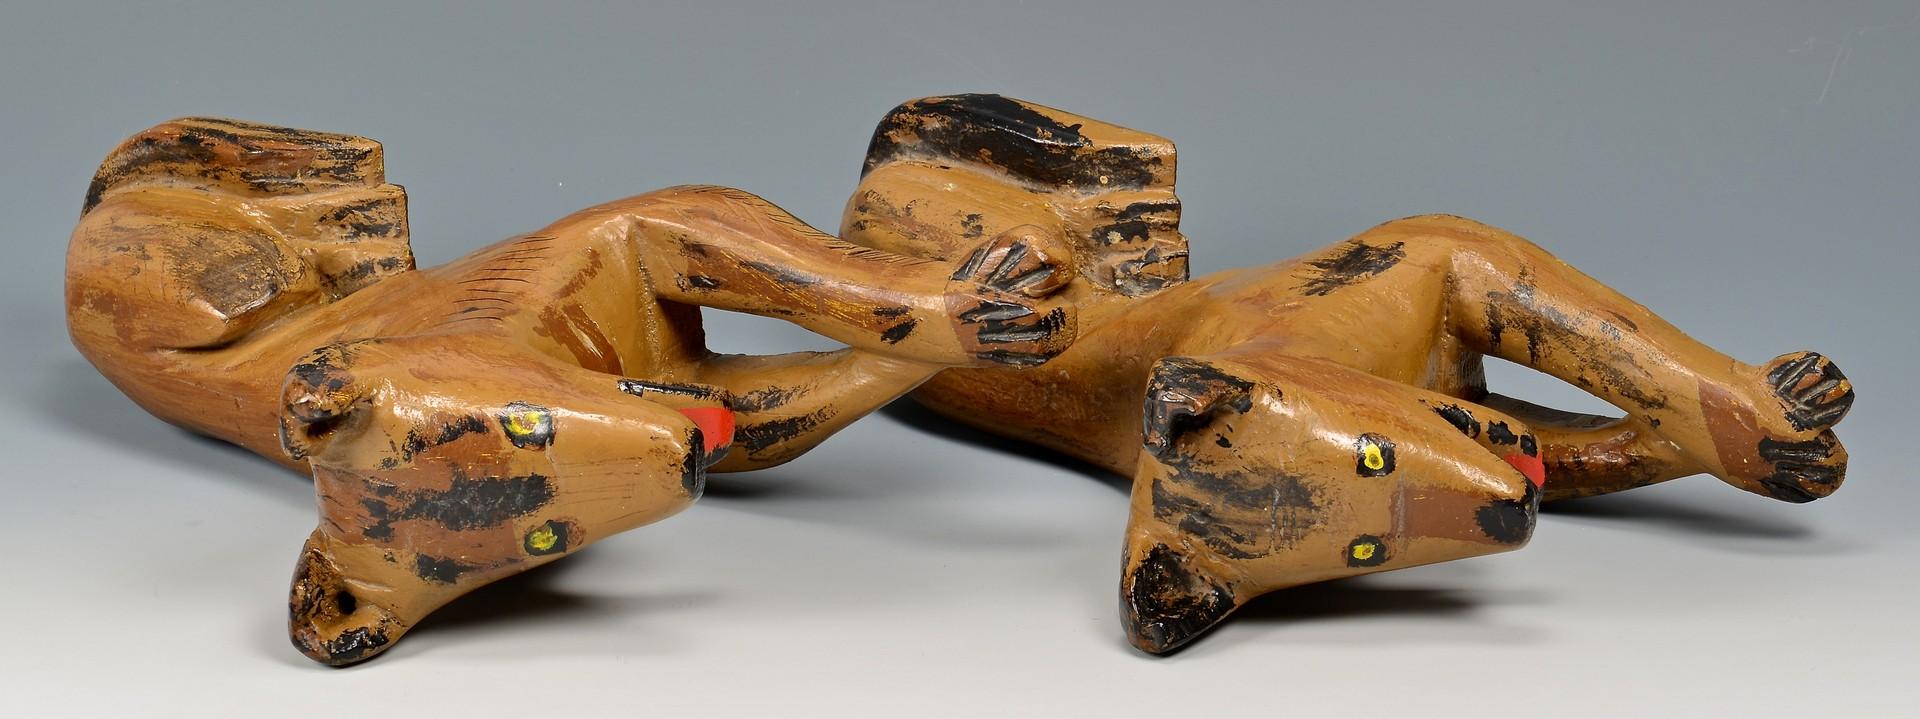 Lot 816: 4 Carved Folk Art Animals, Skunks & dogs